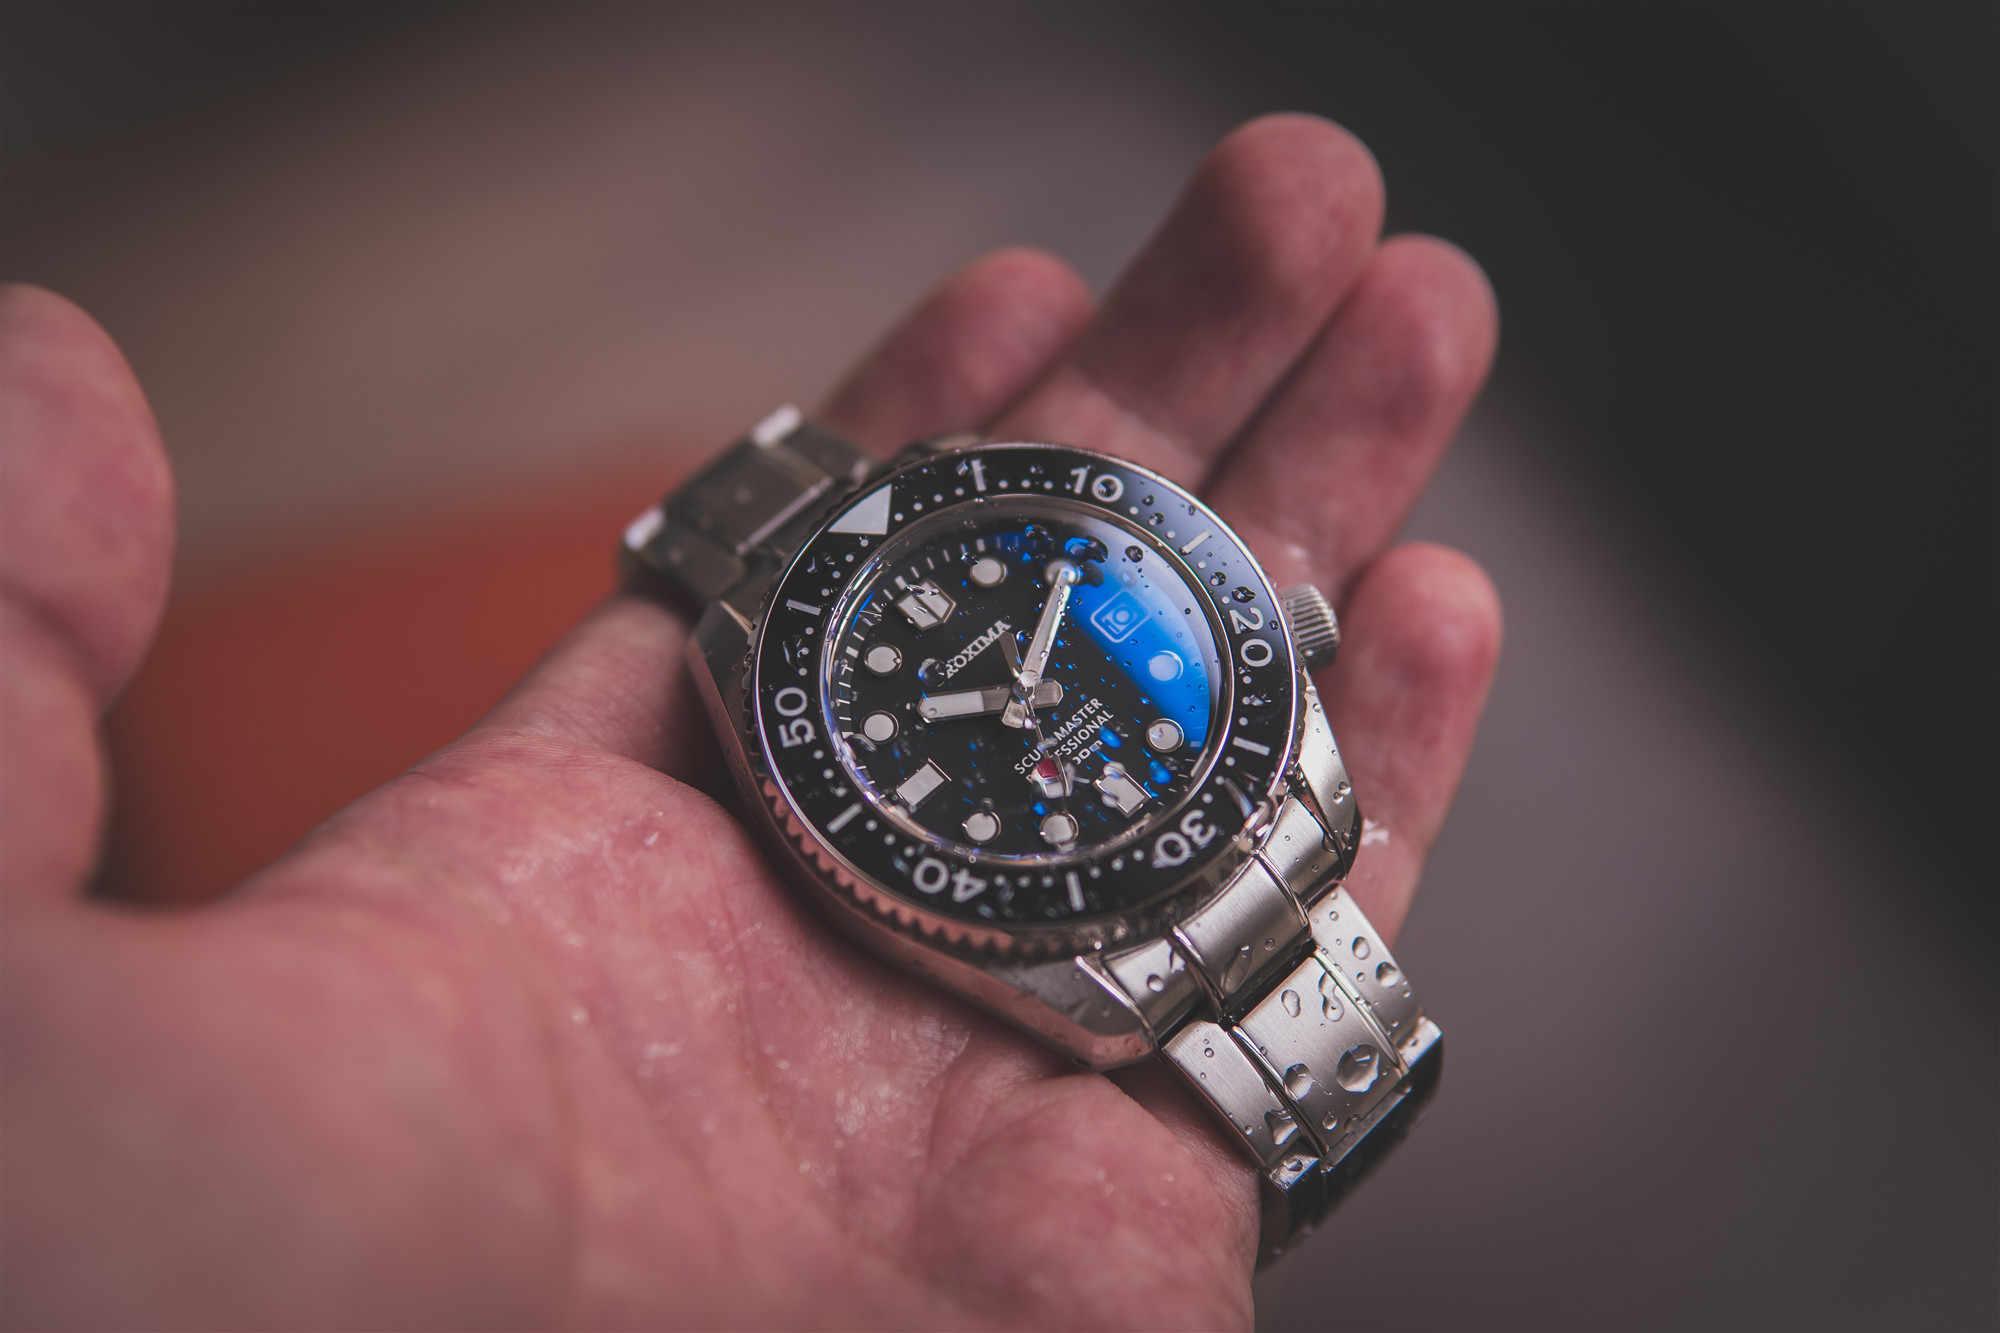 Proxima 44 ミリメートルブラックダイヤルセラミック回転ベゼルサファイアガラス 300 メートル防水ステンレス鋼NH35 automaticmens腕時計